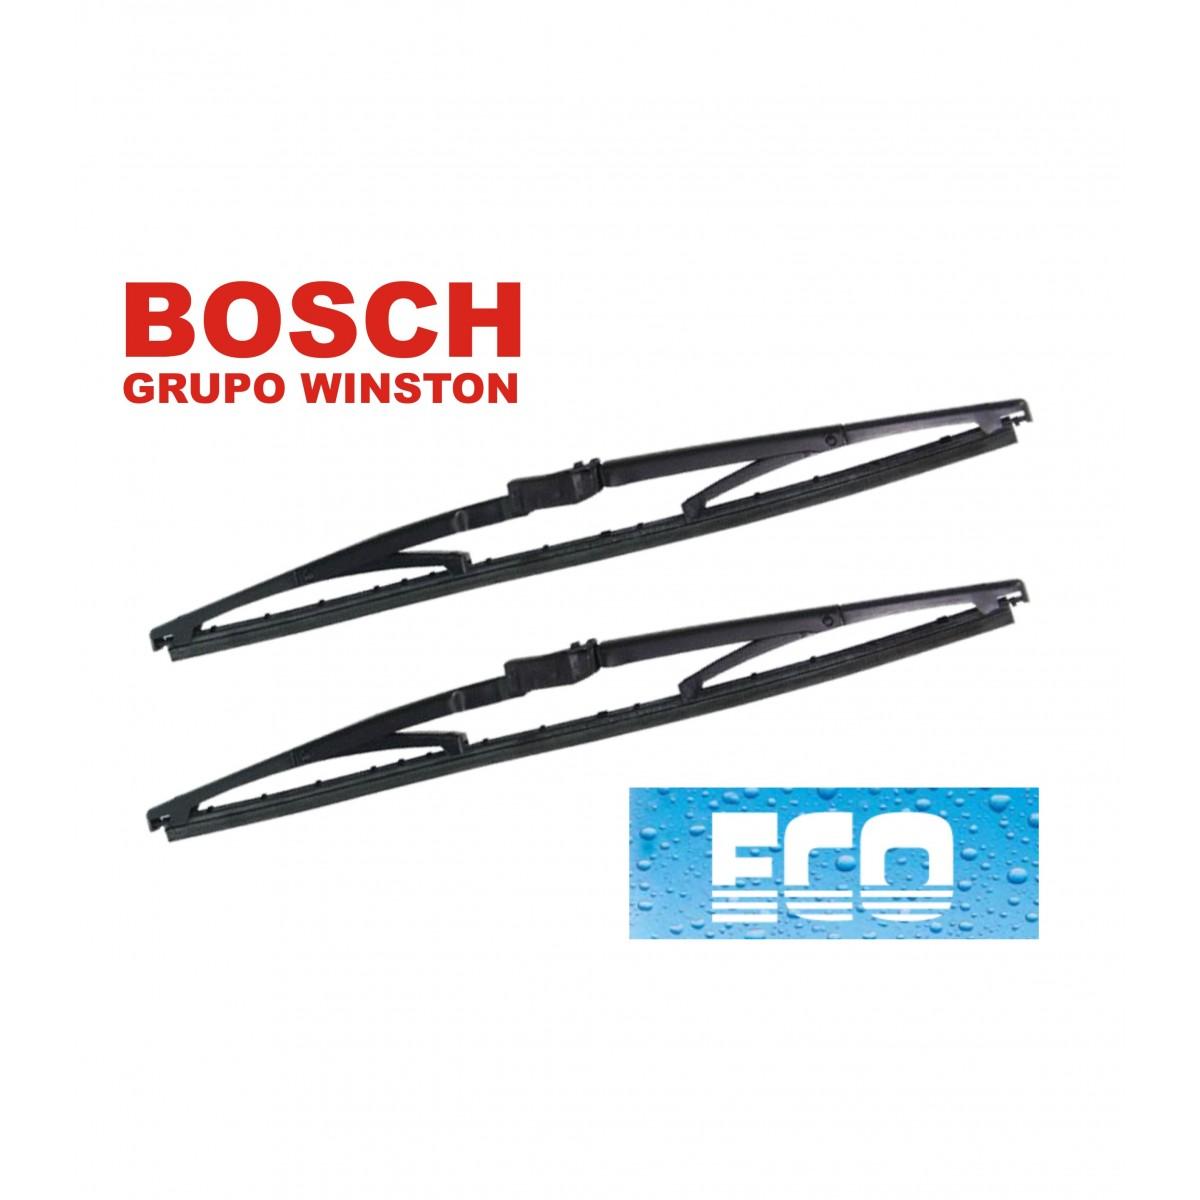 Palheta Original Bosch Eco Gol G5, Novo Voyage, Fox E Crossfox Ate 09